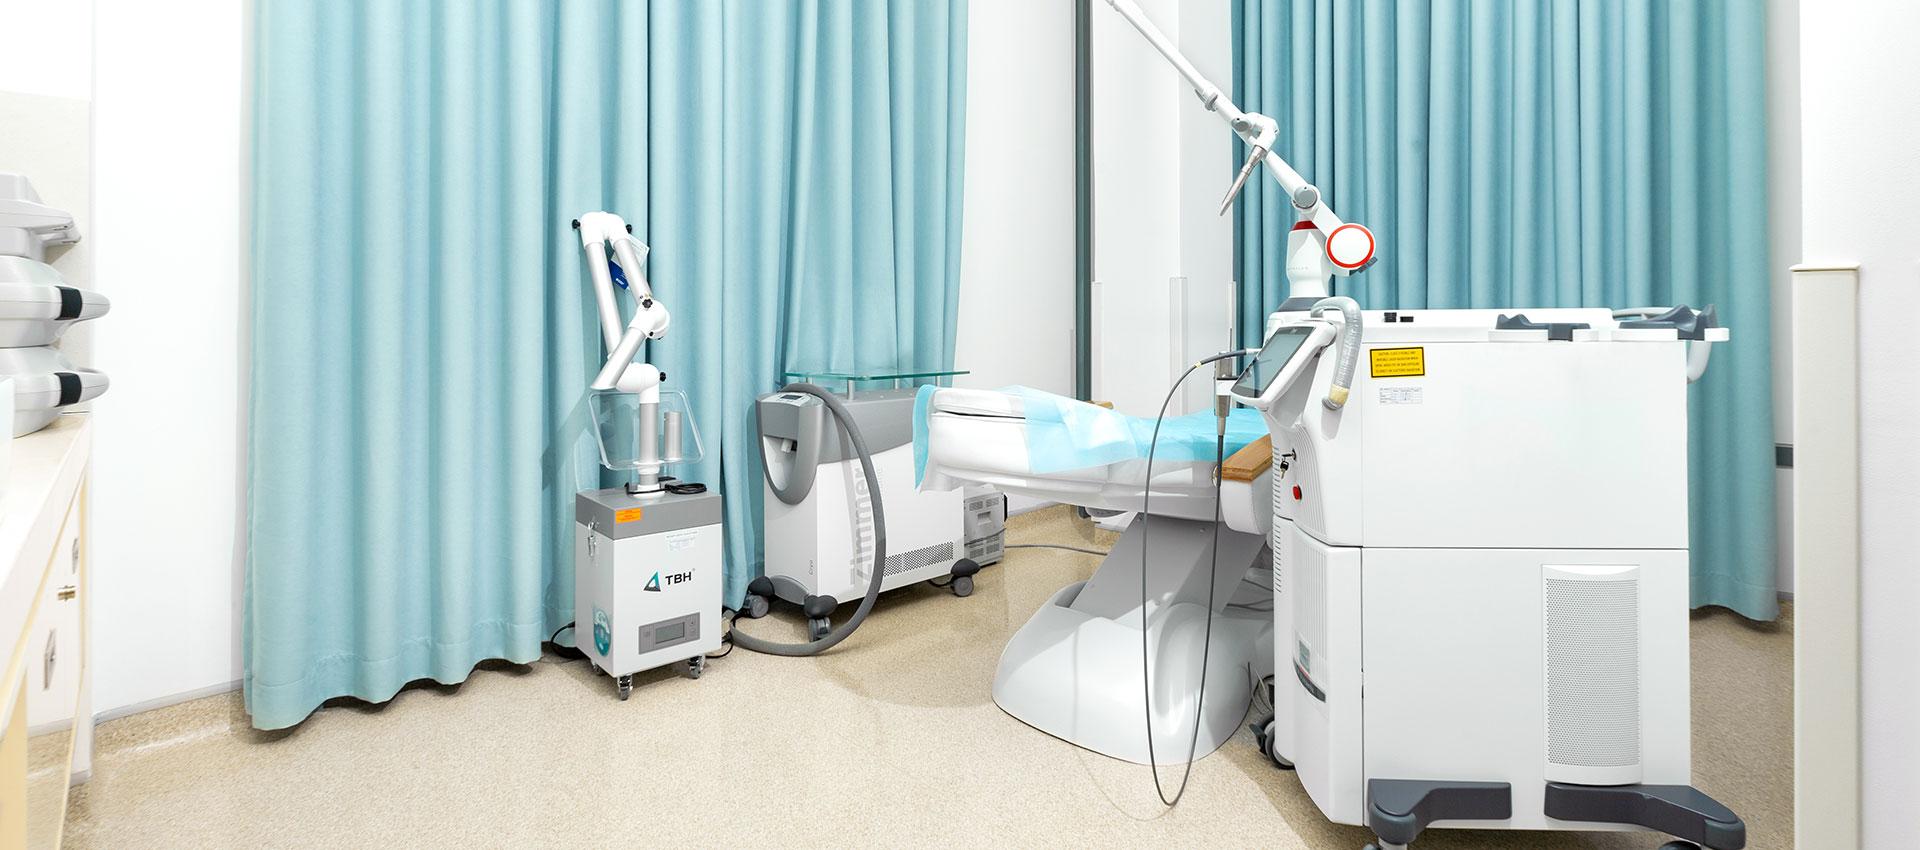 Skin & Laser - FV Hospital